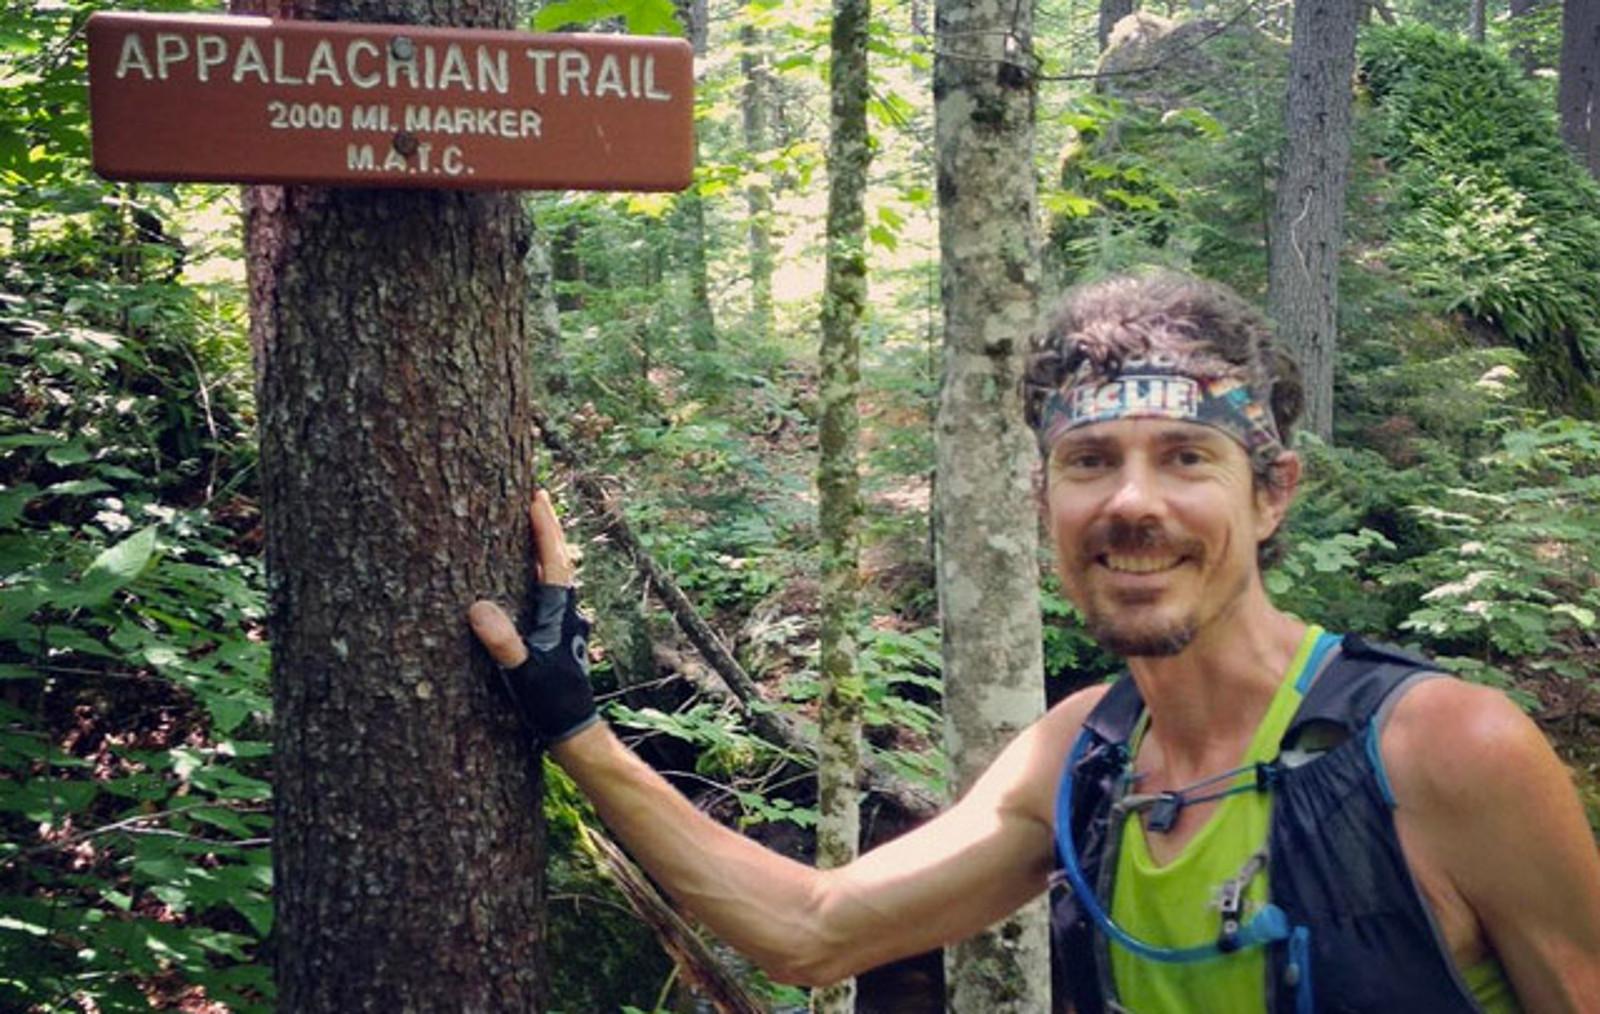 Скотт Юрек. История о марафонце, вегетарианце Аппалачская Тропа